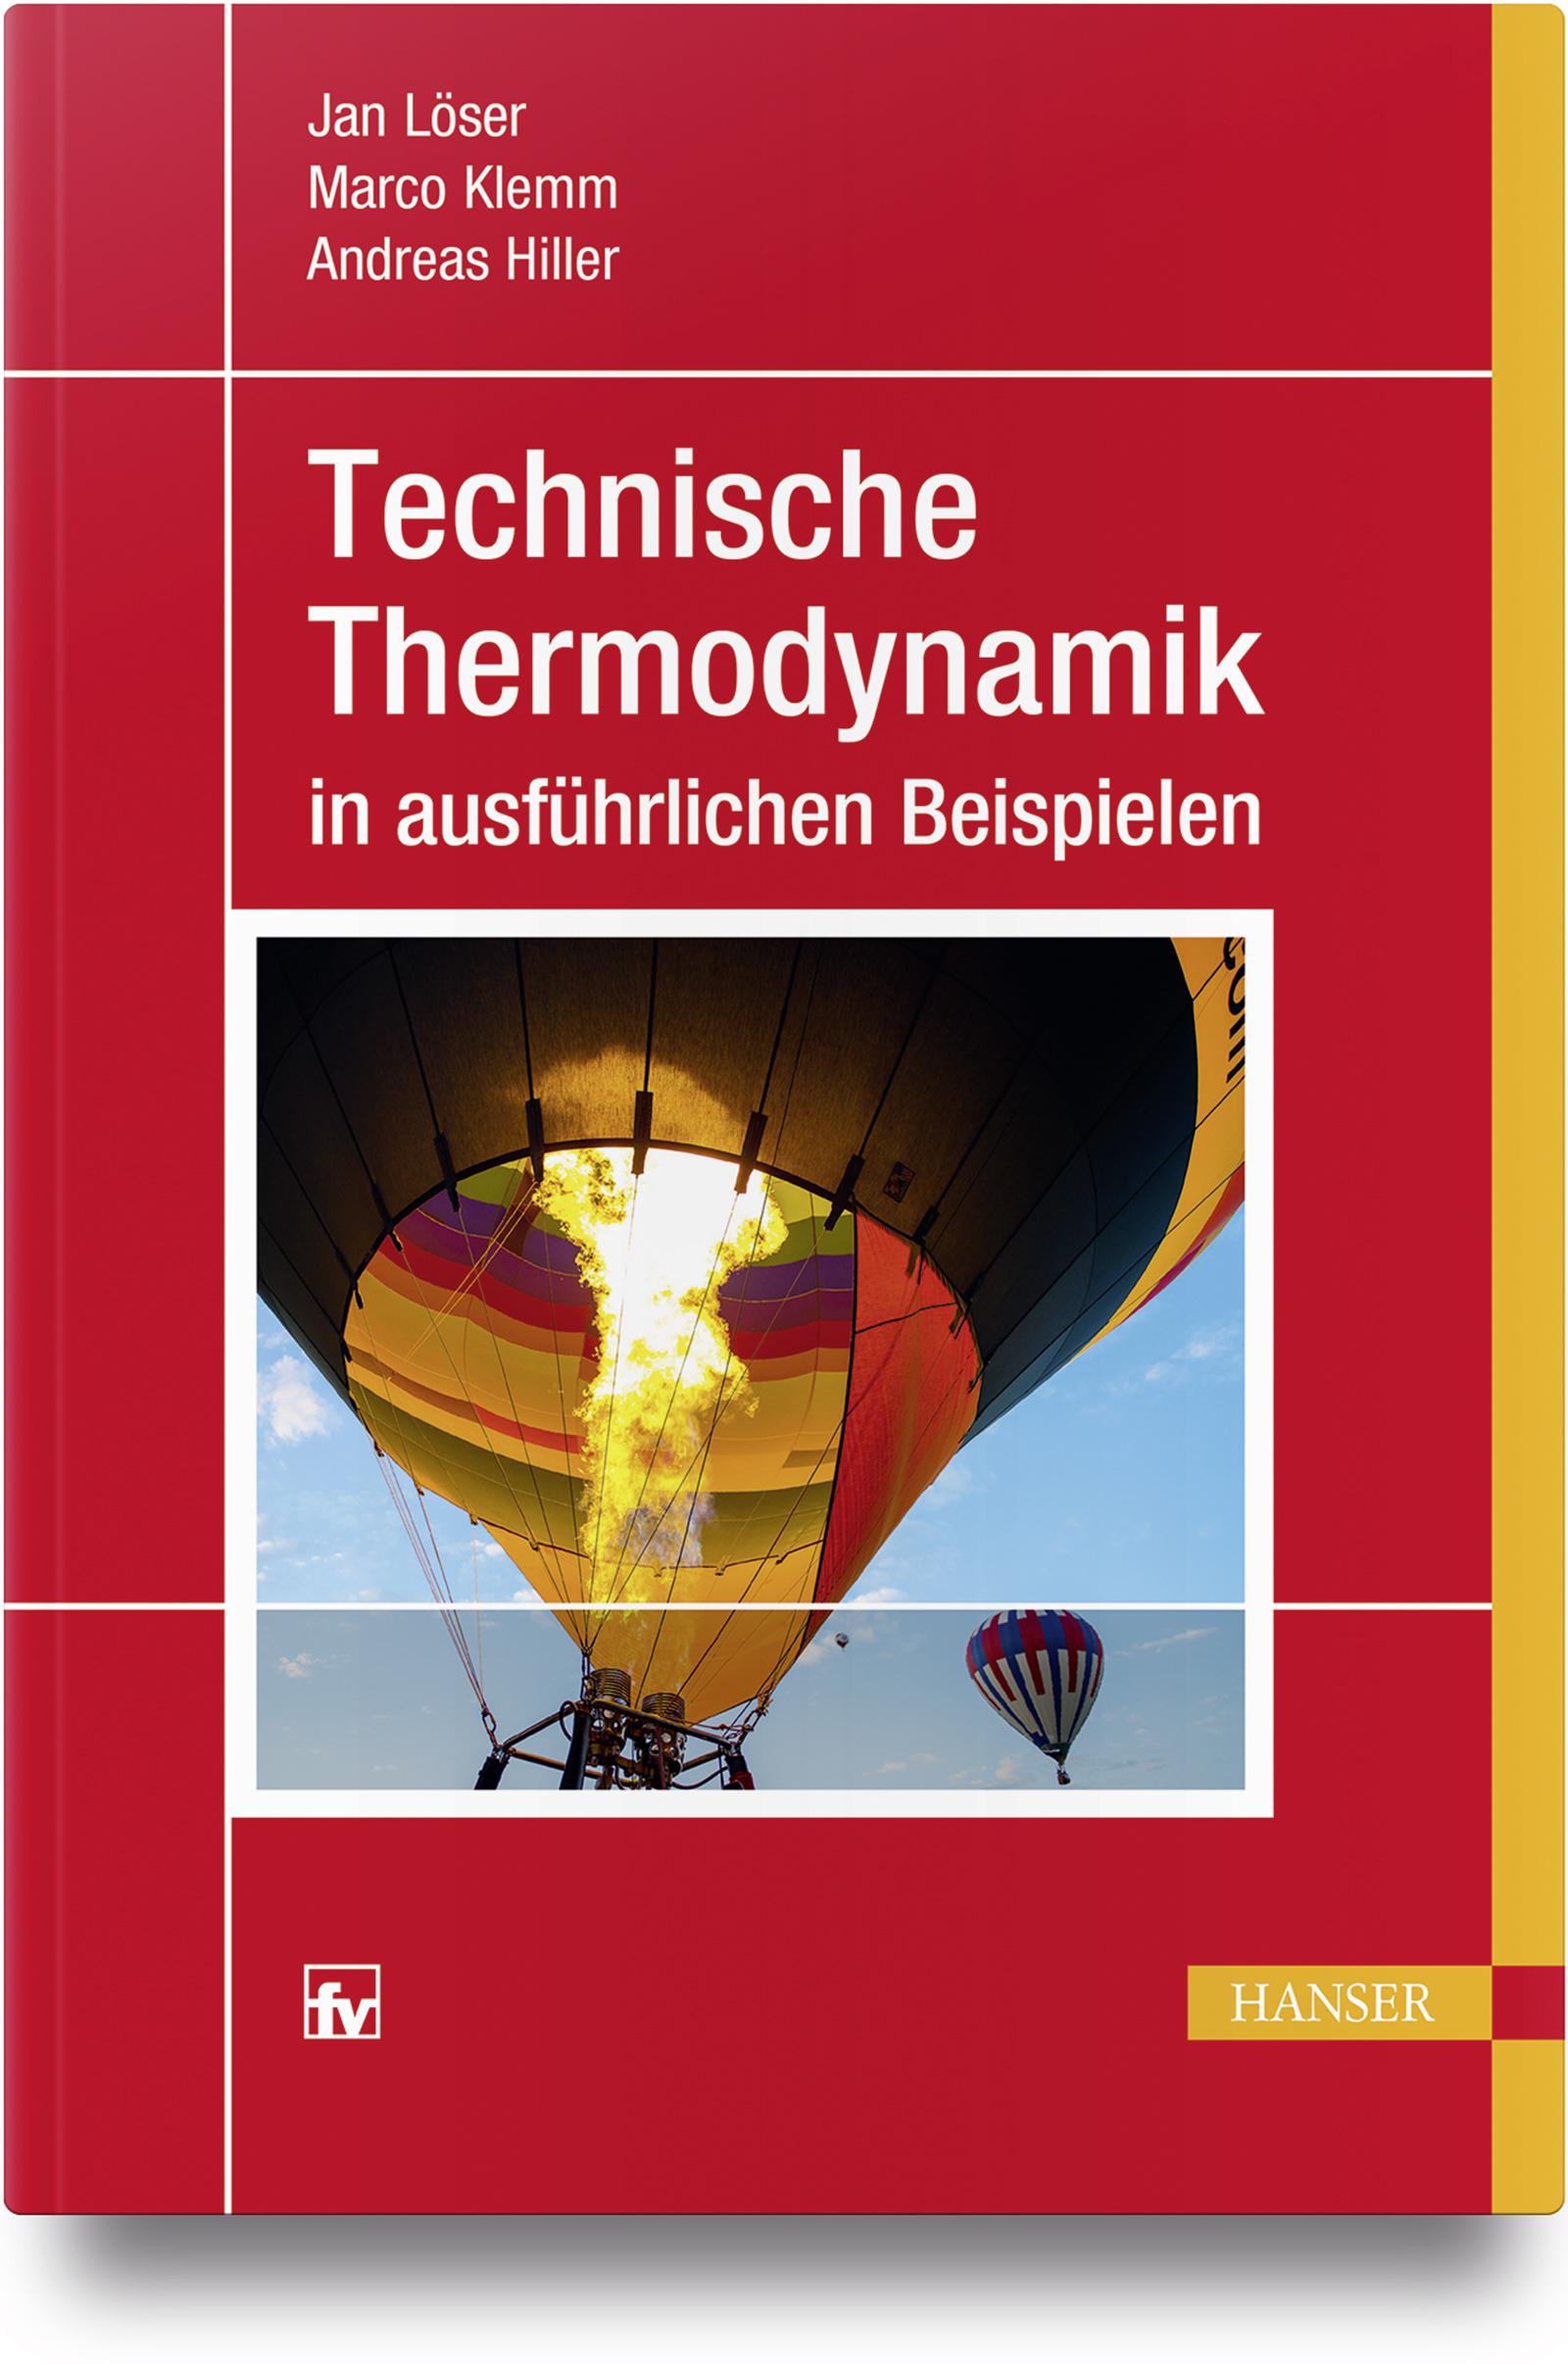 Löser, Klemm, Hiller, Pause, Technische Thermodynamik in ausführlichen Beispielen, 978-3-446-44279-5